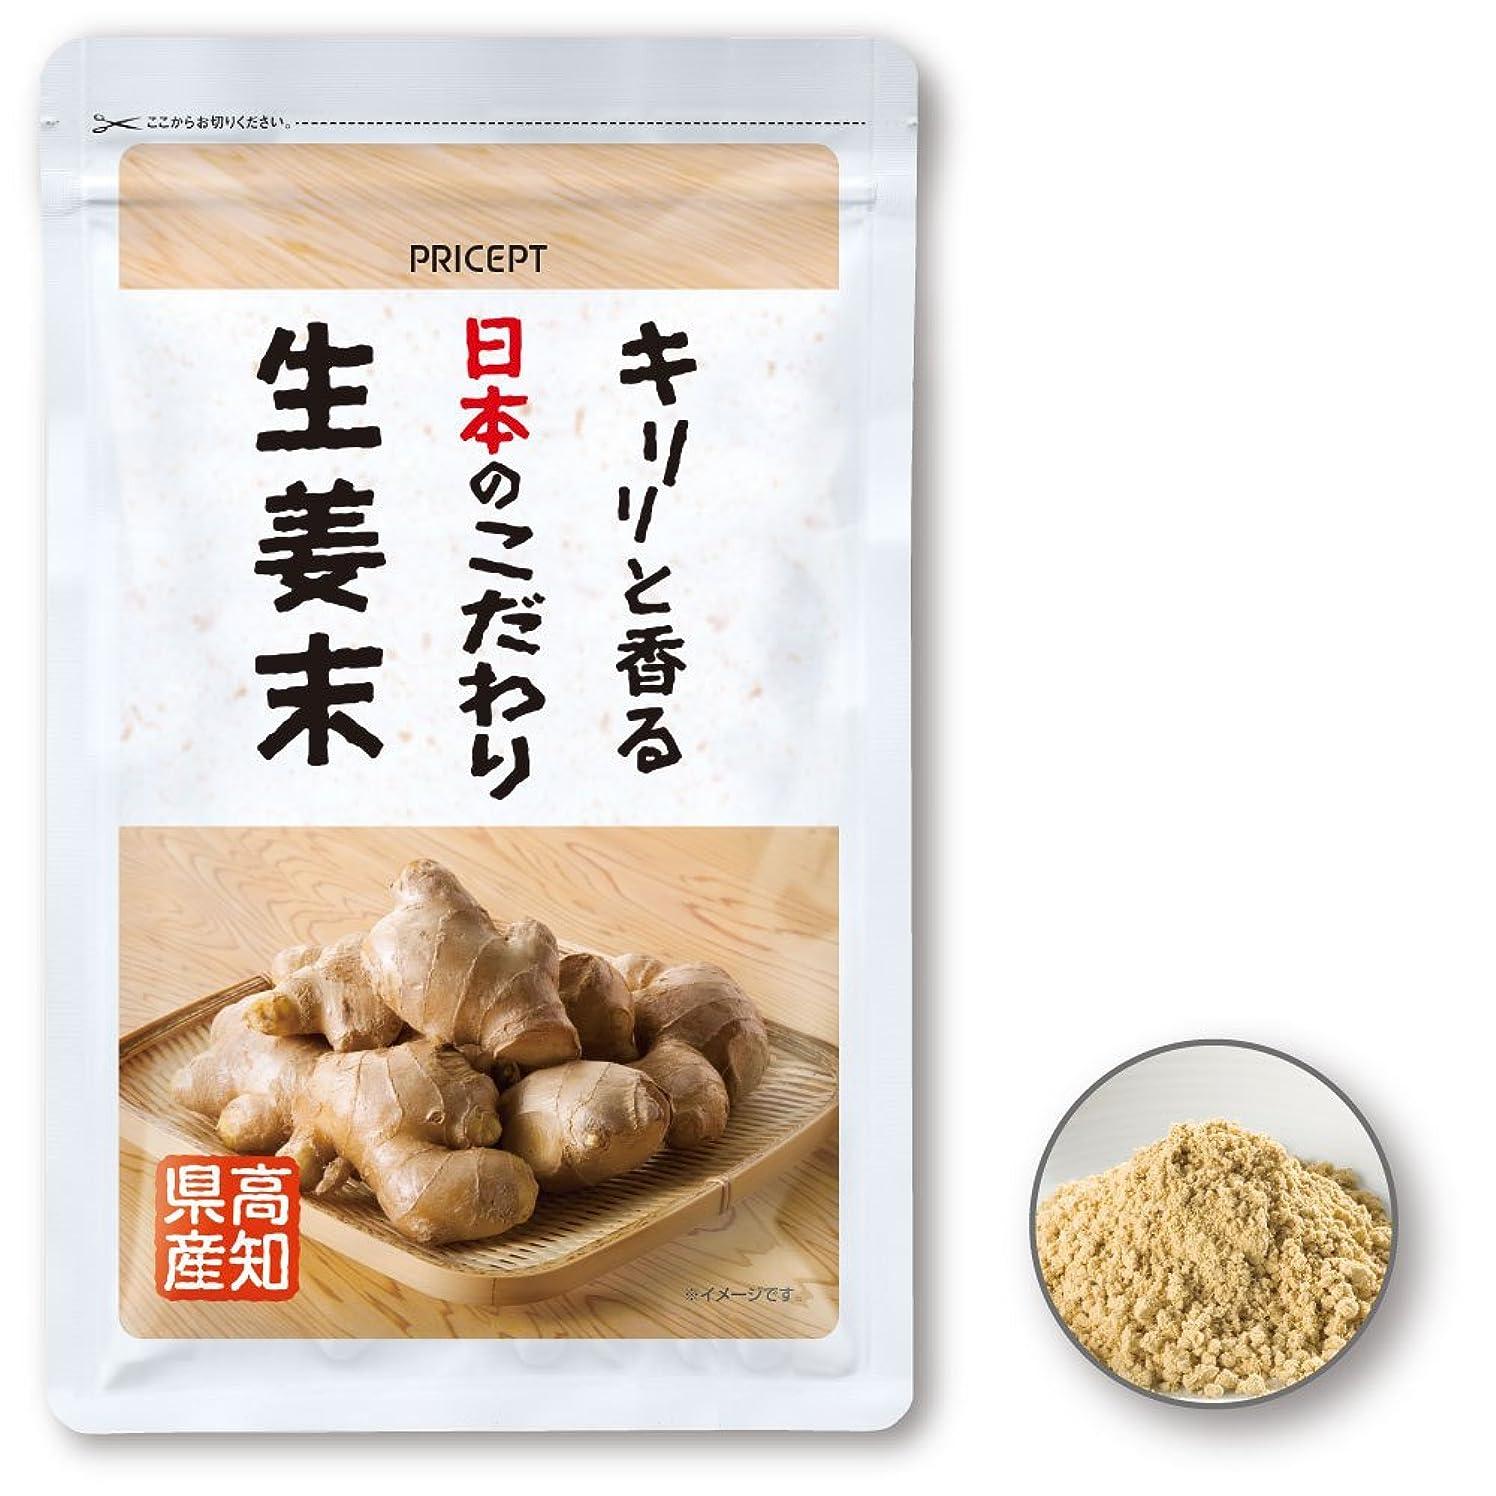 警官代わりにゴネリルプリセプト キリリと香る日本のこだわり生姜末 50g(単品)(高知県産しょうが粉末)